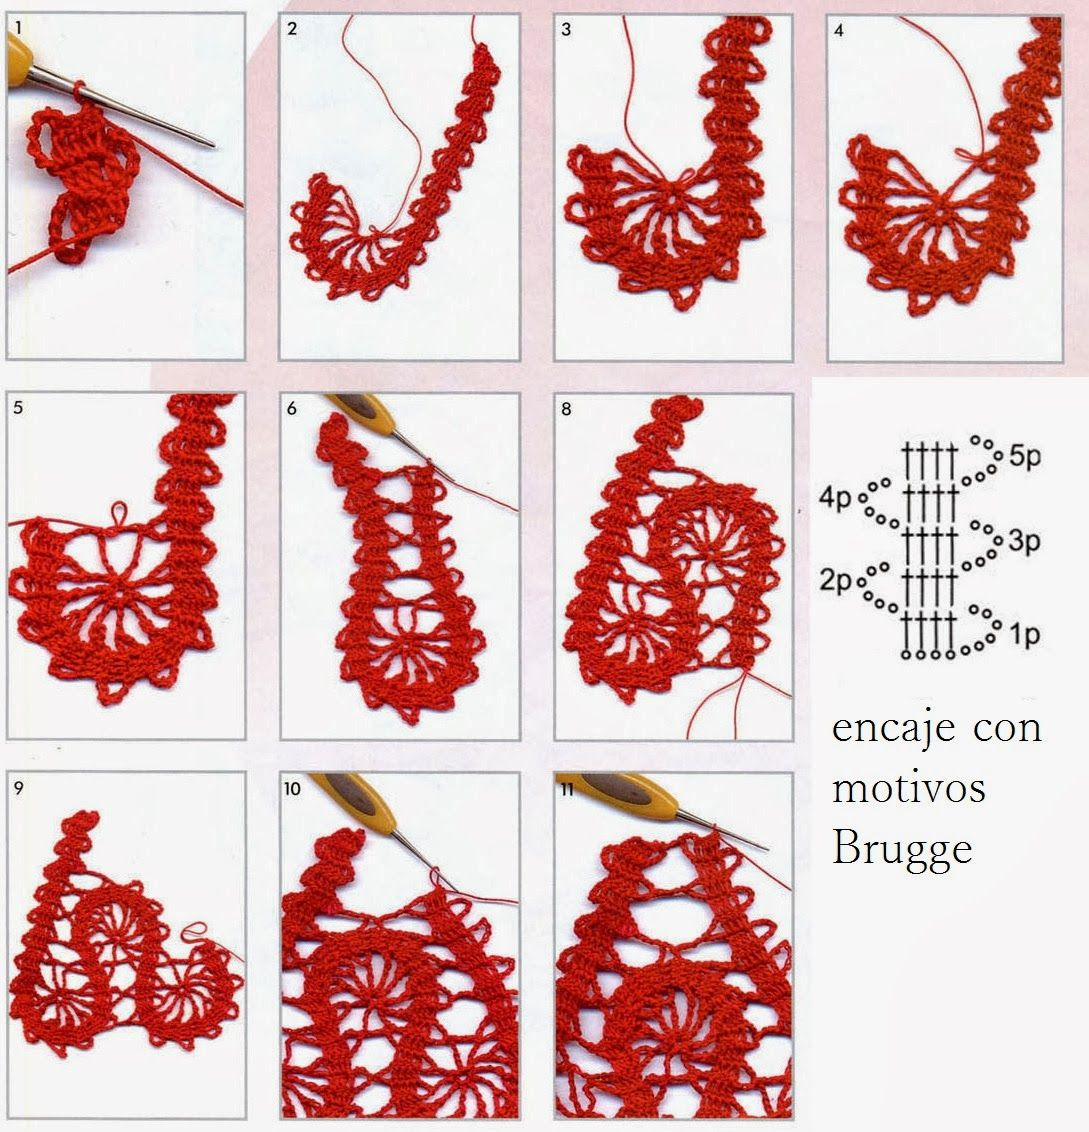 Punto Crochet Encaje con Motivos Brugge - Patrones Crochet | Tejido ...